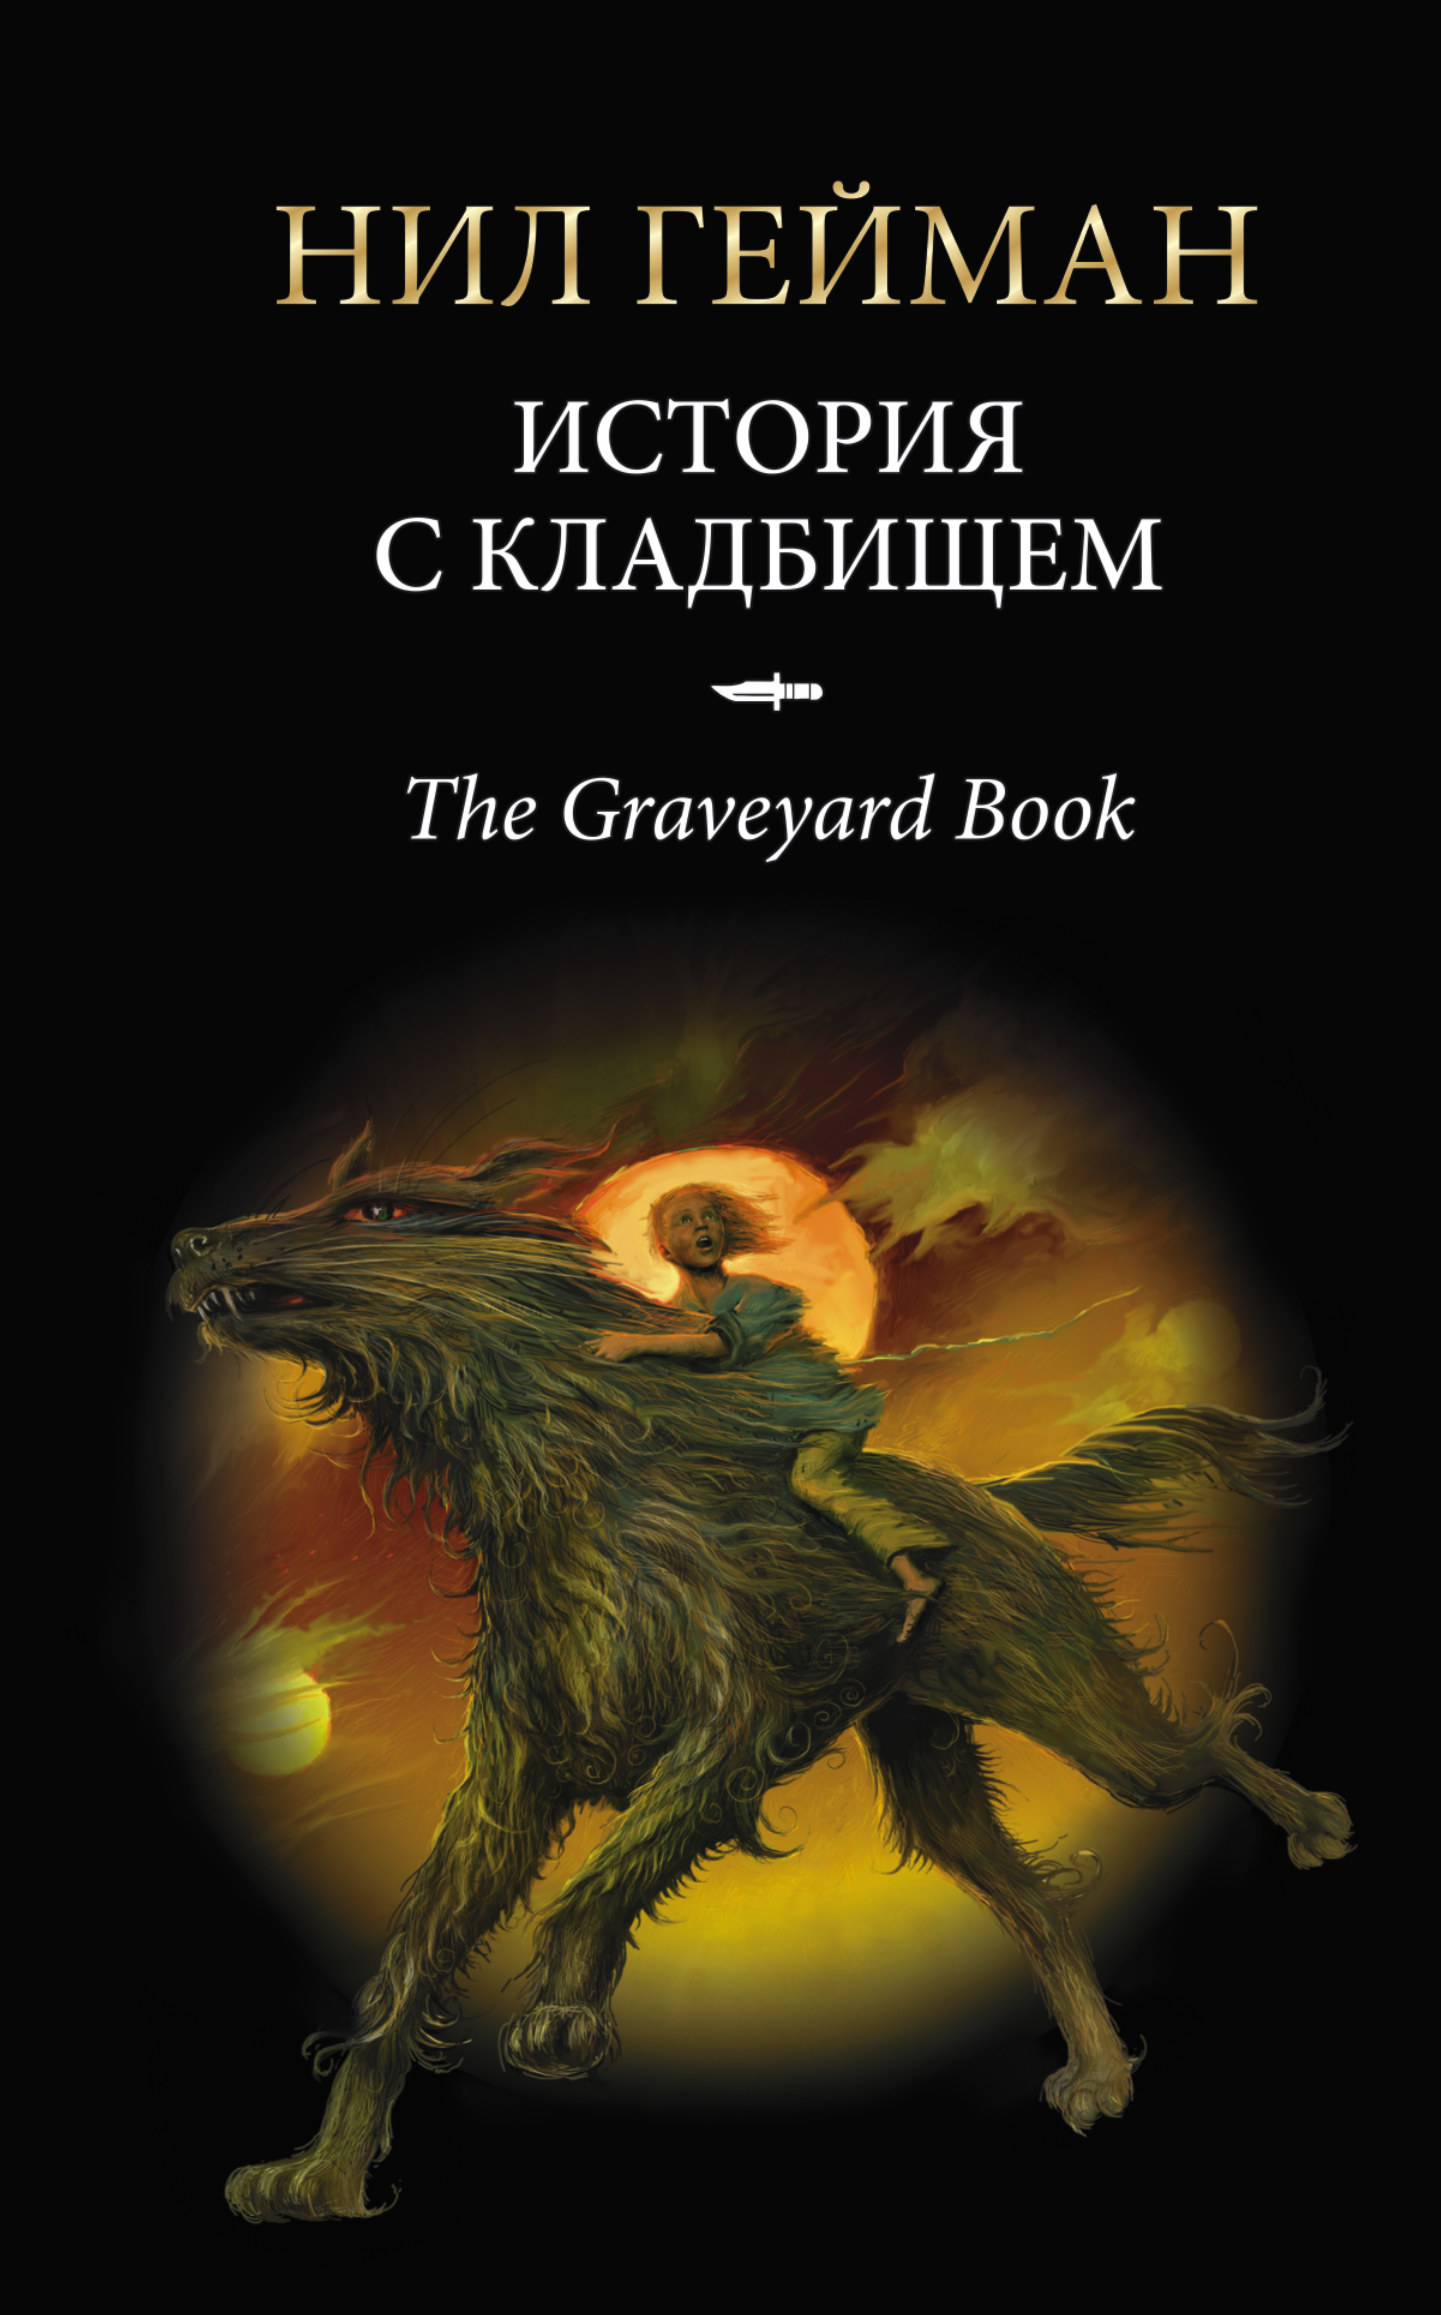 История с кладбищем ( Гейман Нил  )